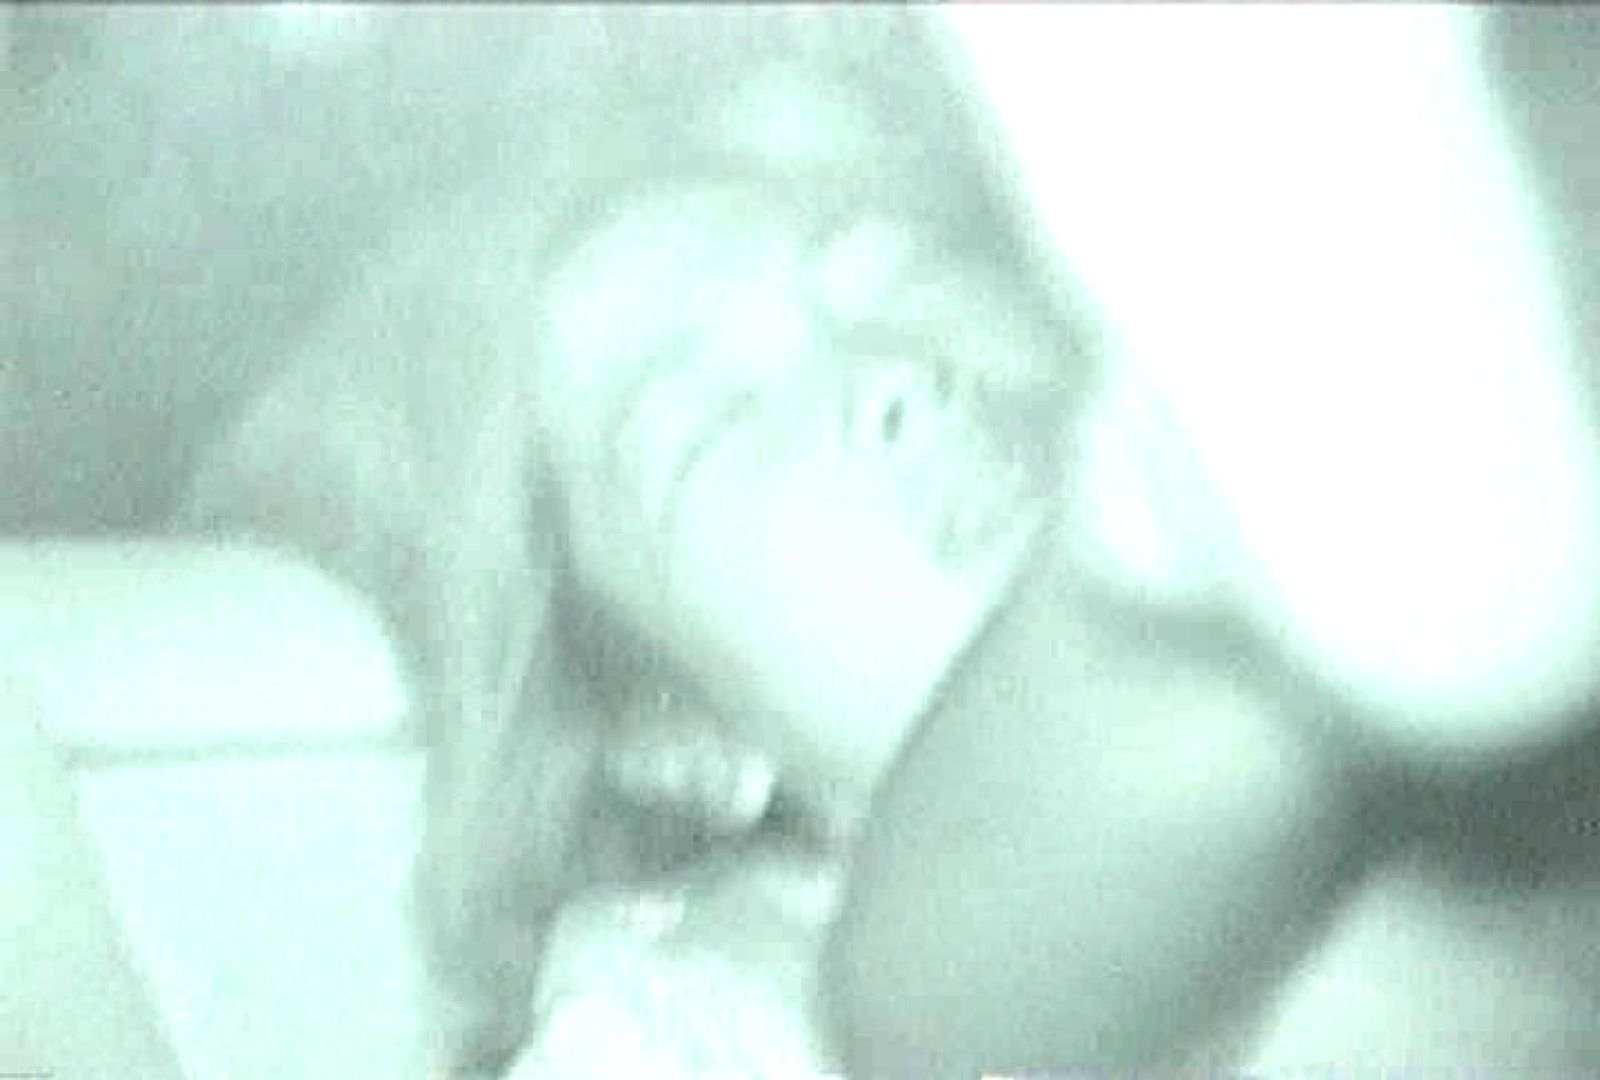 充血監督の深夜の運動会Vol.82 OLセックス  108画像 72